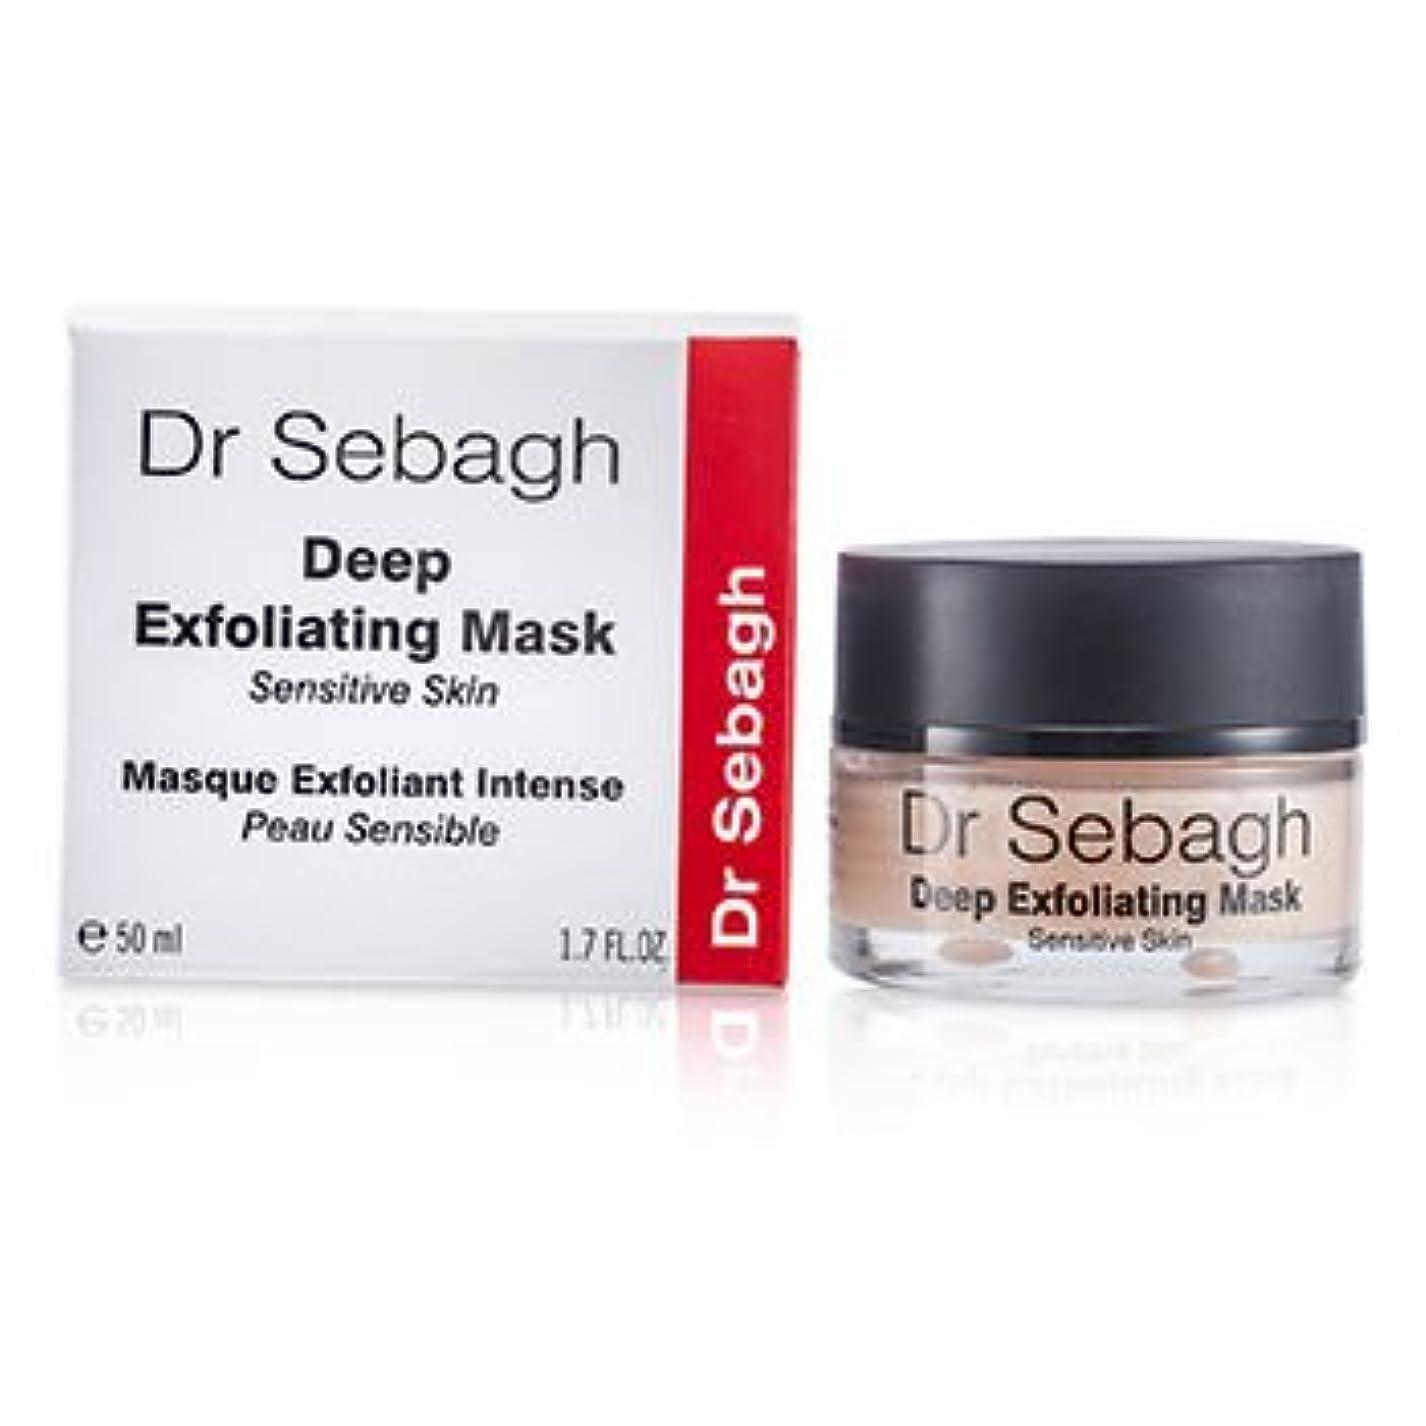 発揮するキネマティクス浸食ドクターセバーグ ディープ エクスフォリエイティング マスク - 敏感肌 50ml/1.7oz並行輸入品